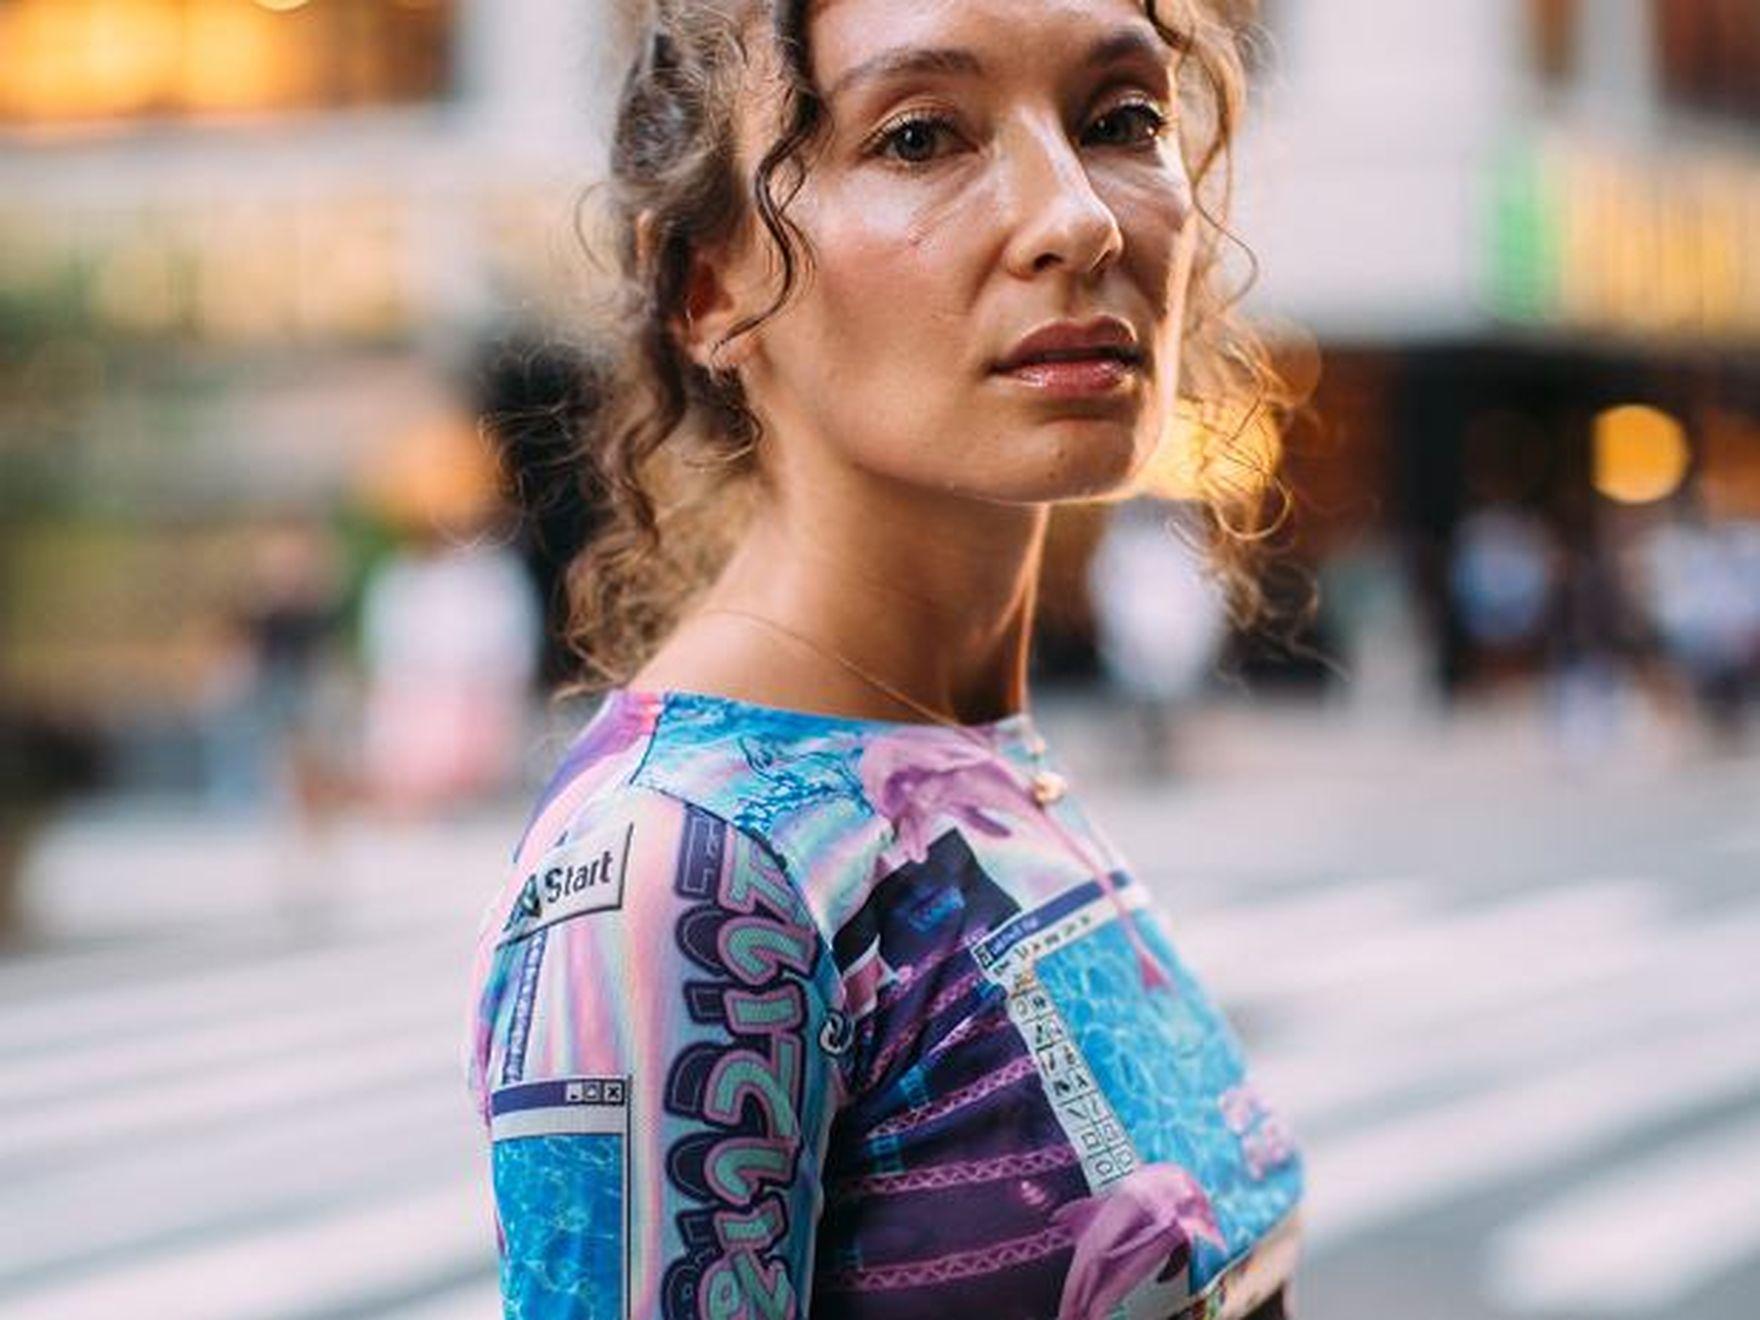 Amerykanie odkrywają swoją niepodległość w modzie. Słowo klucz to patchwork